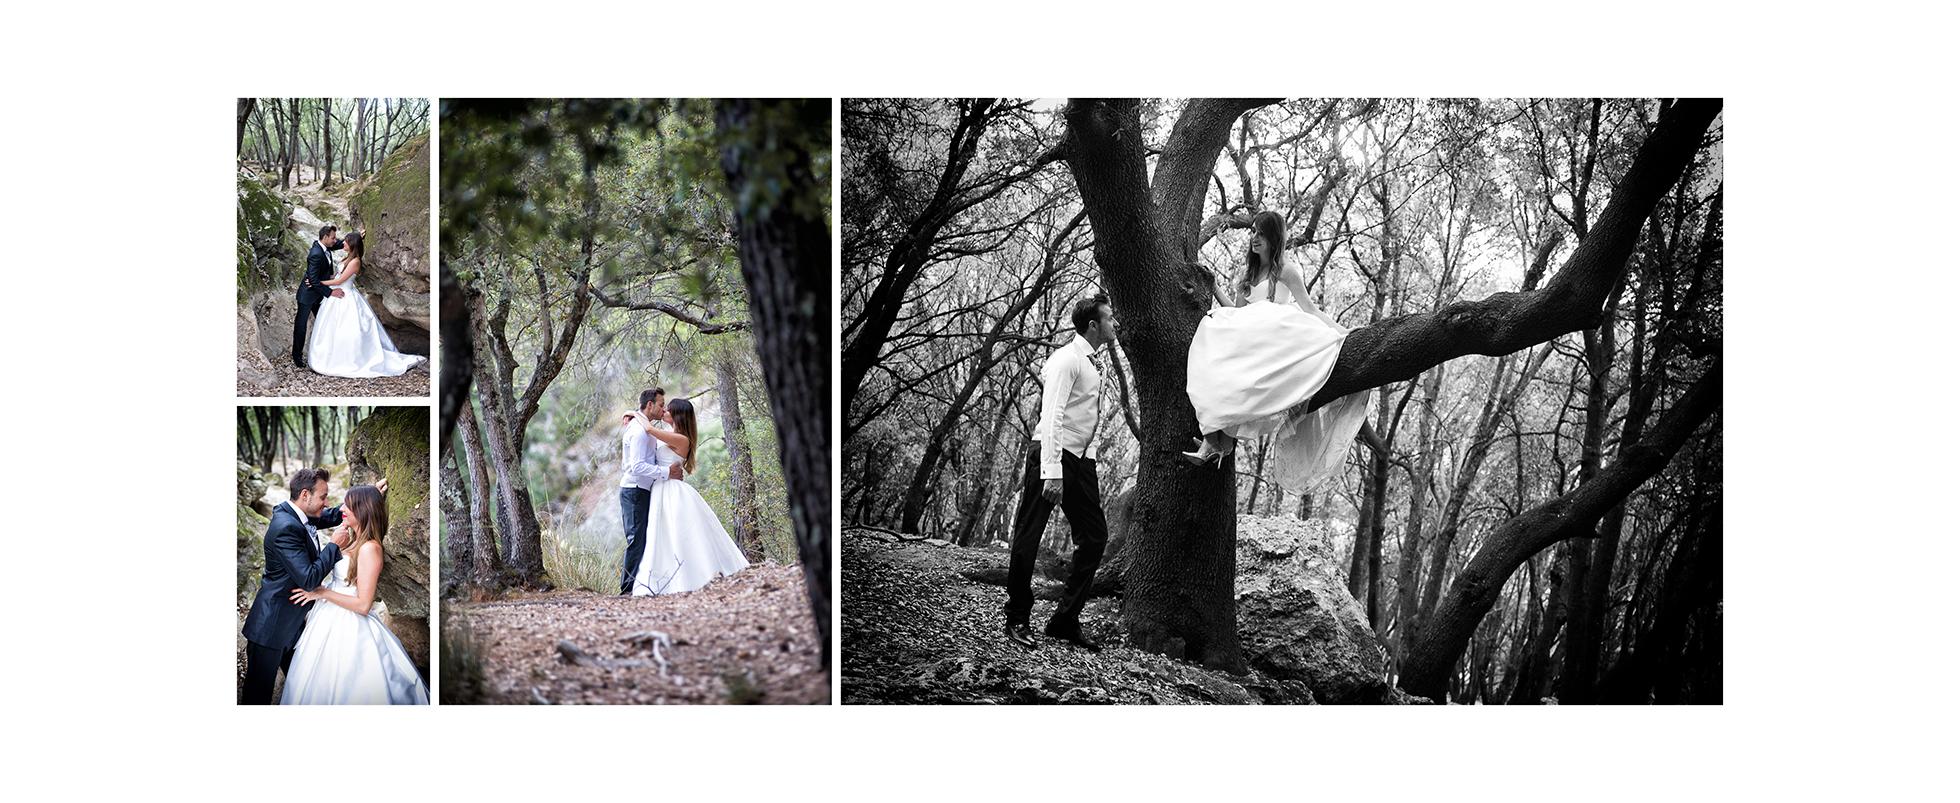 Post boda en Mallorca tanto en fotos como vídeo